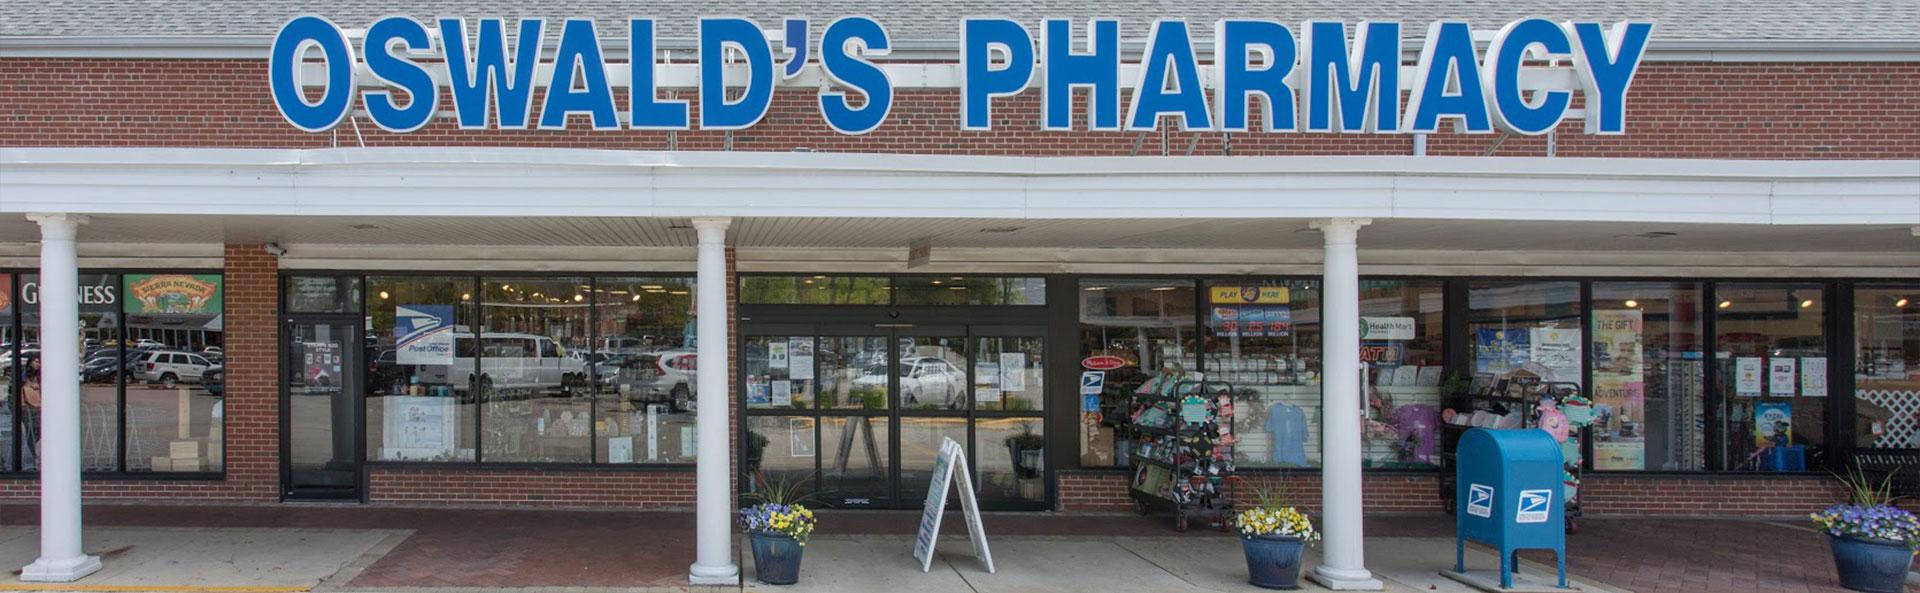 Oswald's Pharmacy